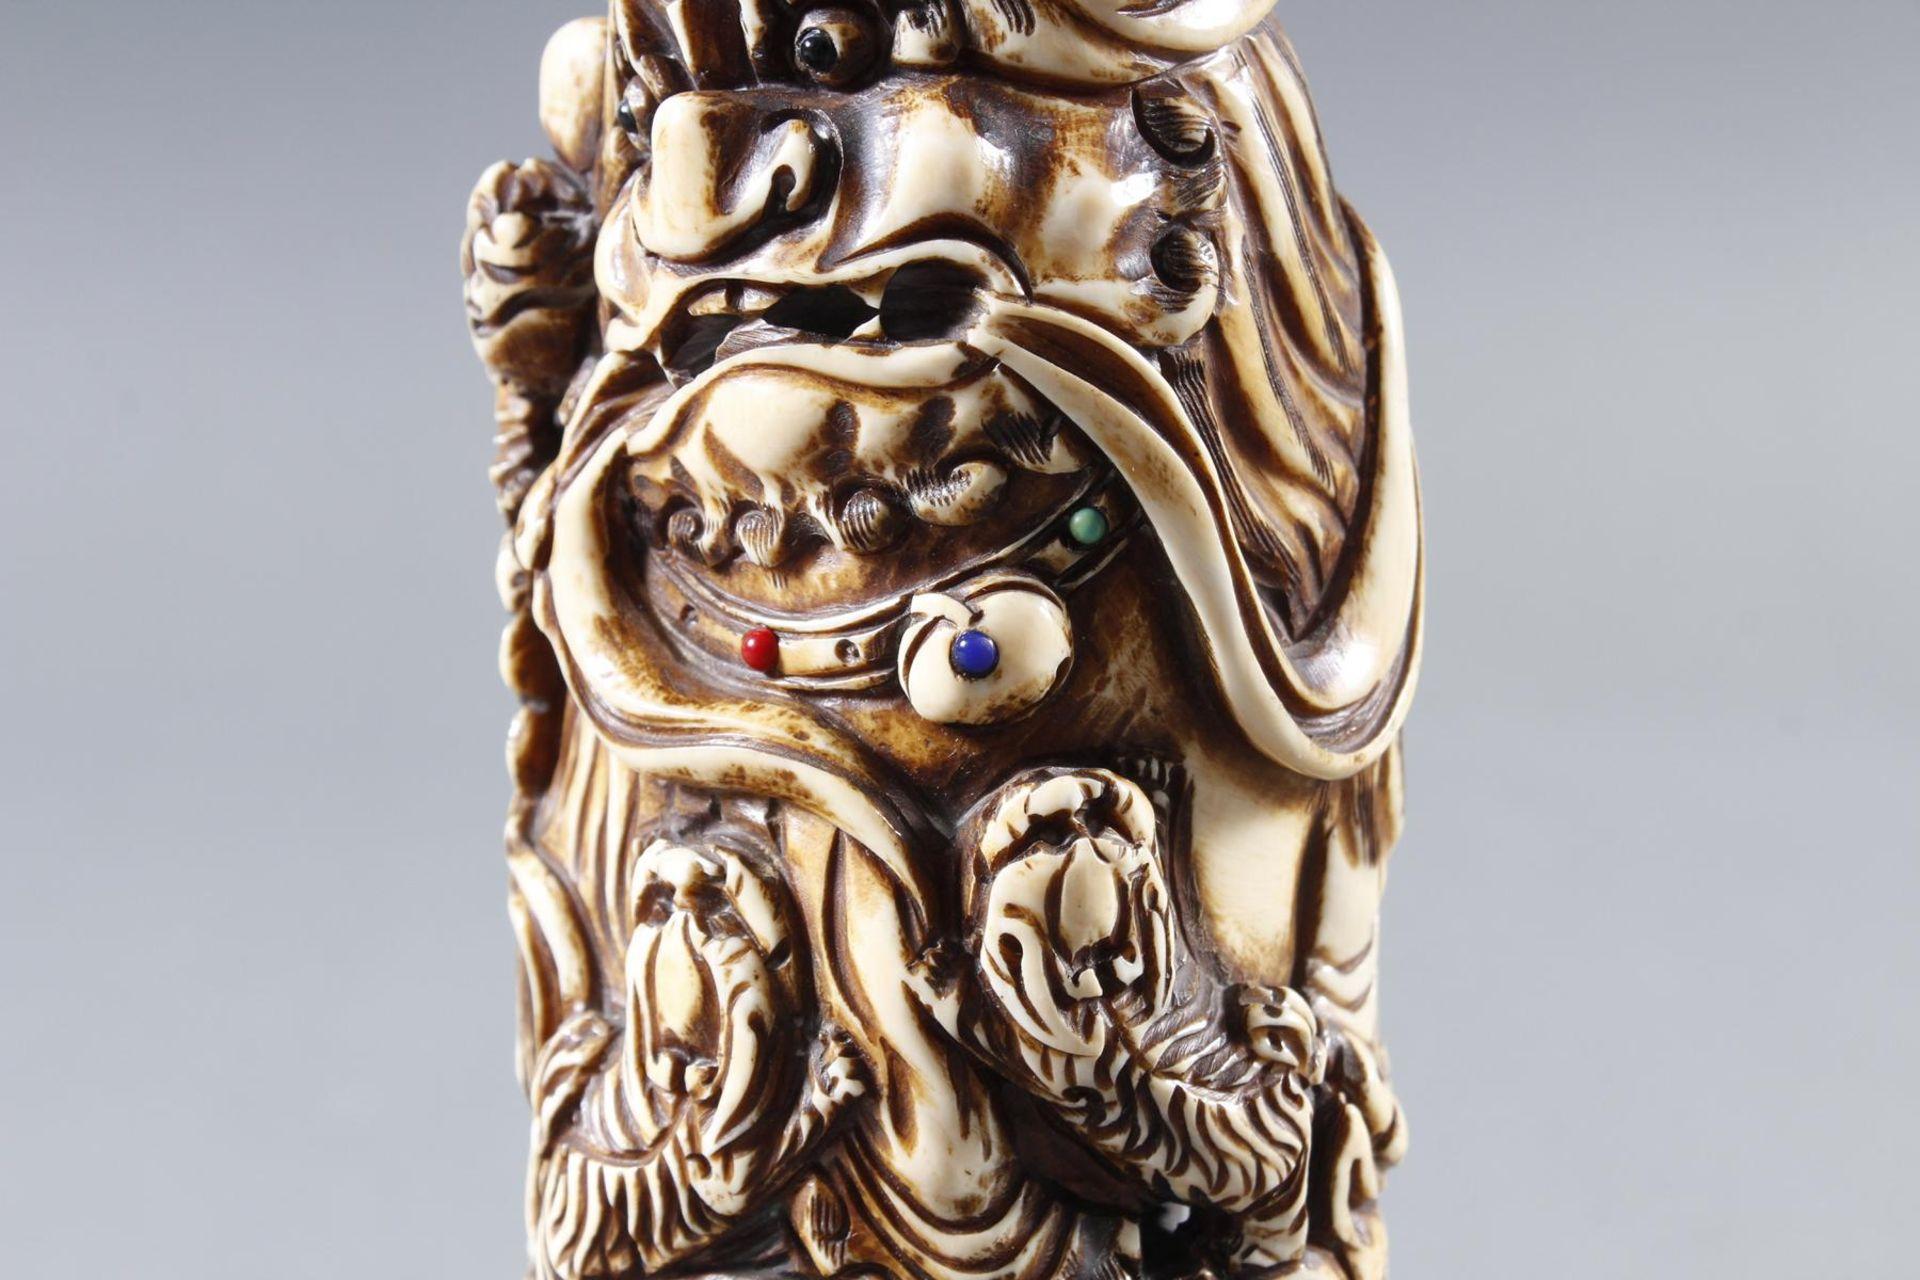 Elfenbeinschnitzerei, Foo-Hund mit Jungen, China 19. Jahrhundert - Bild 7 aus 11